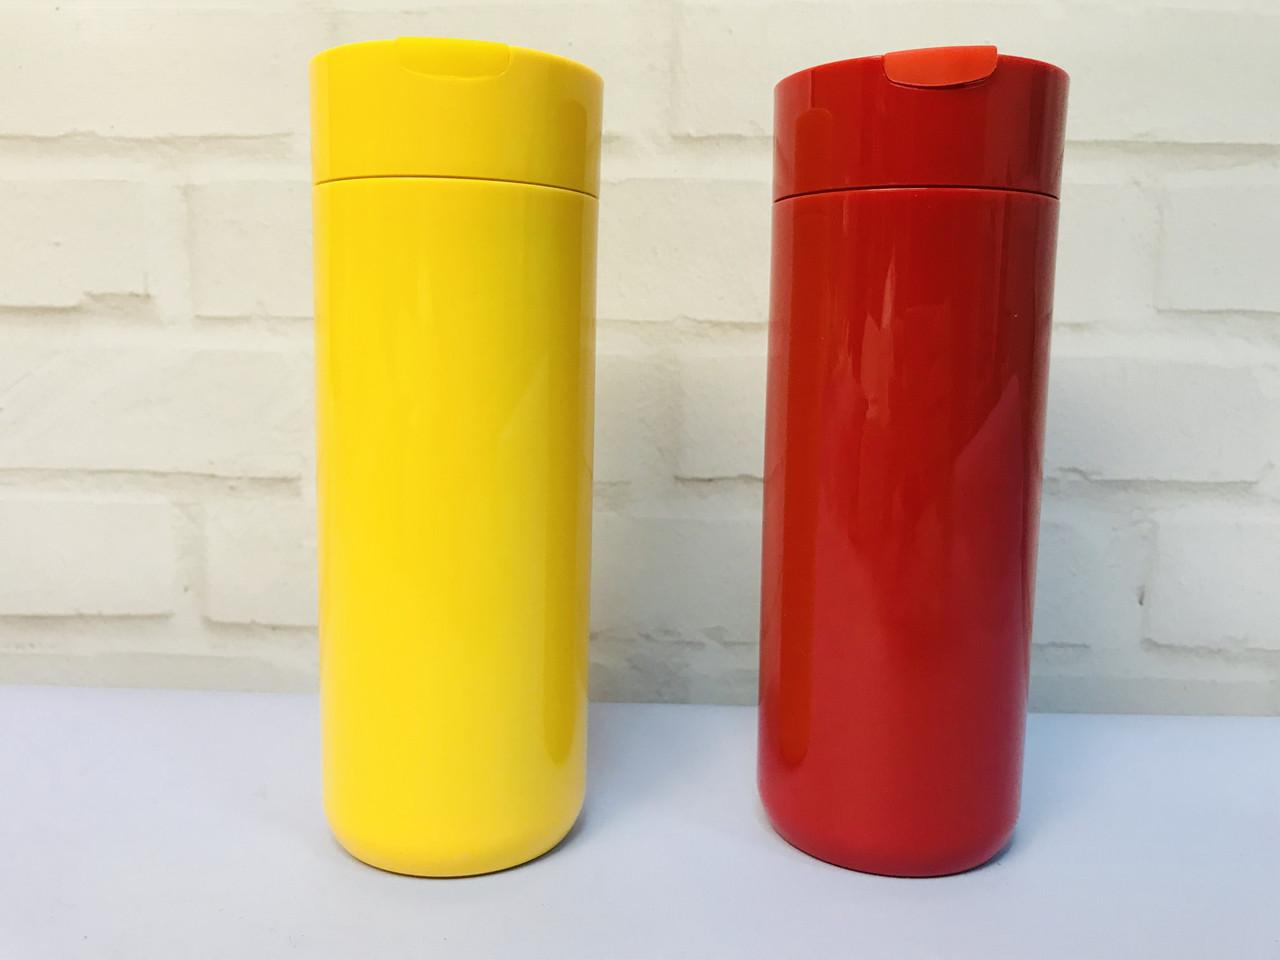 Компактный Антигравитационный Мини-термос 400 мл Never spill over. Лучшая Цена! - фото 1